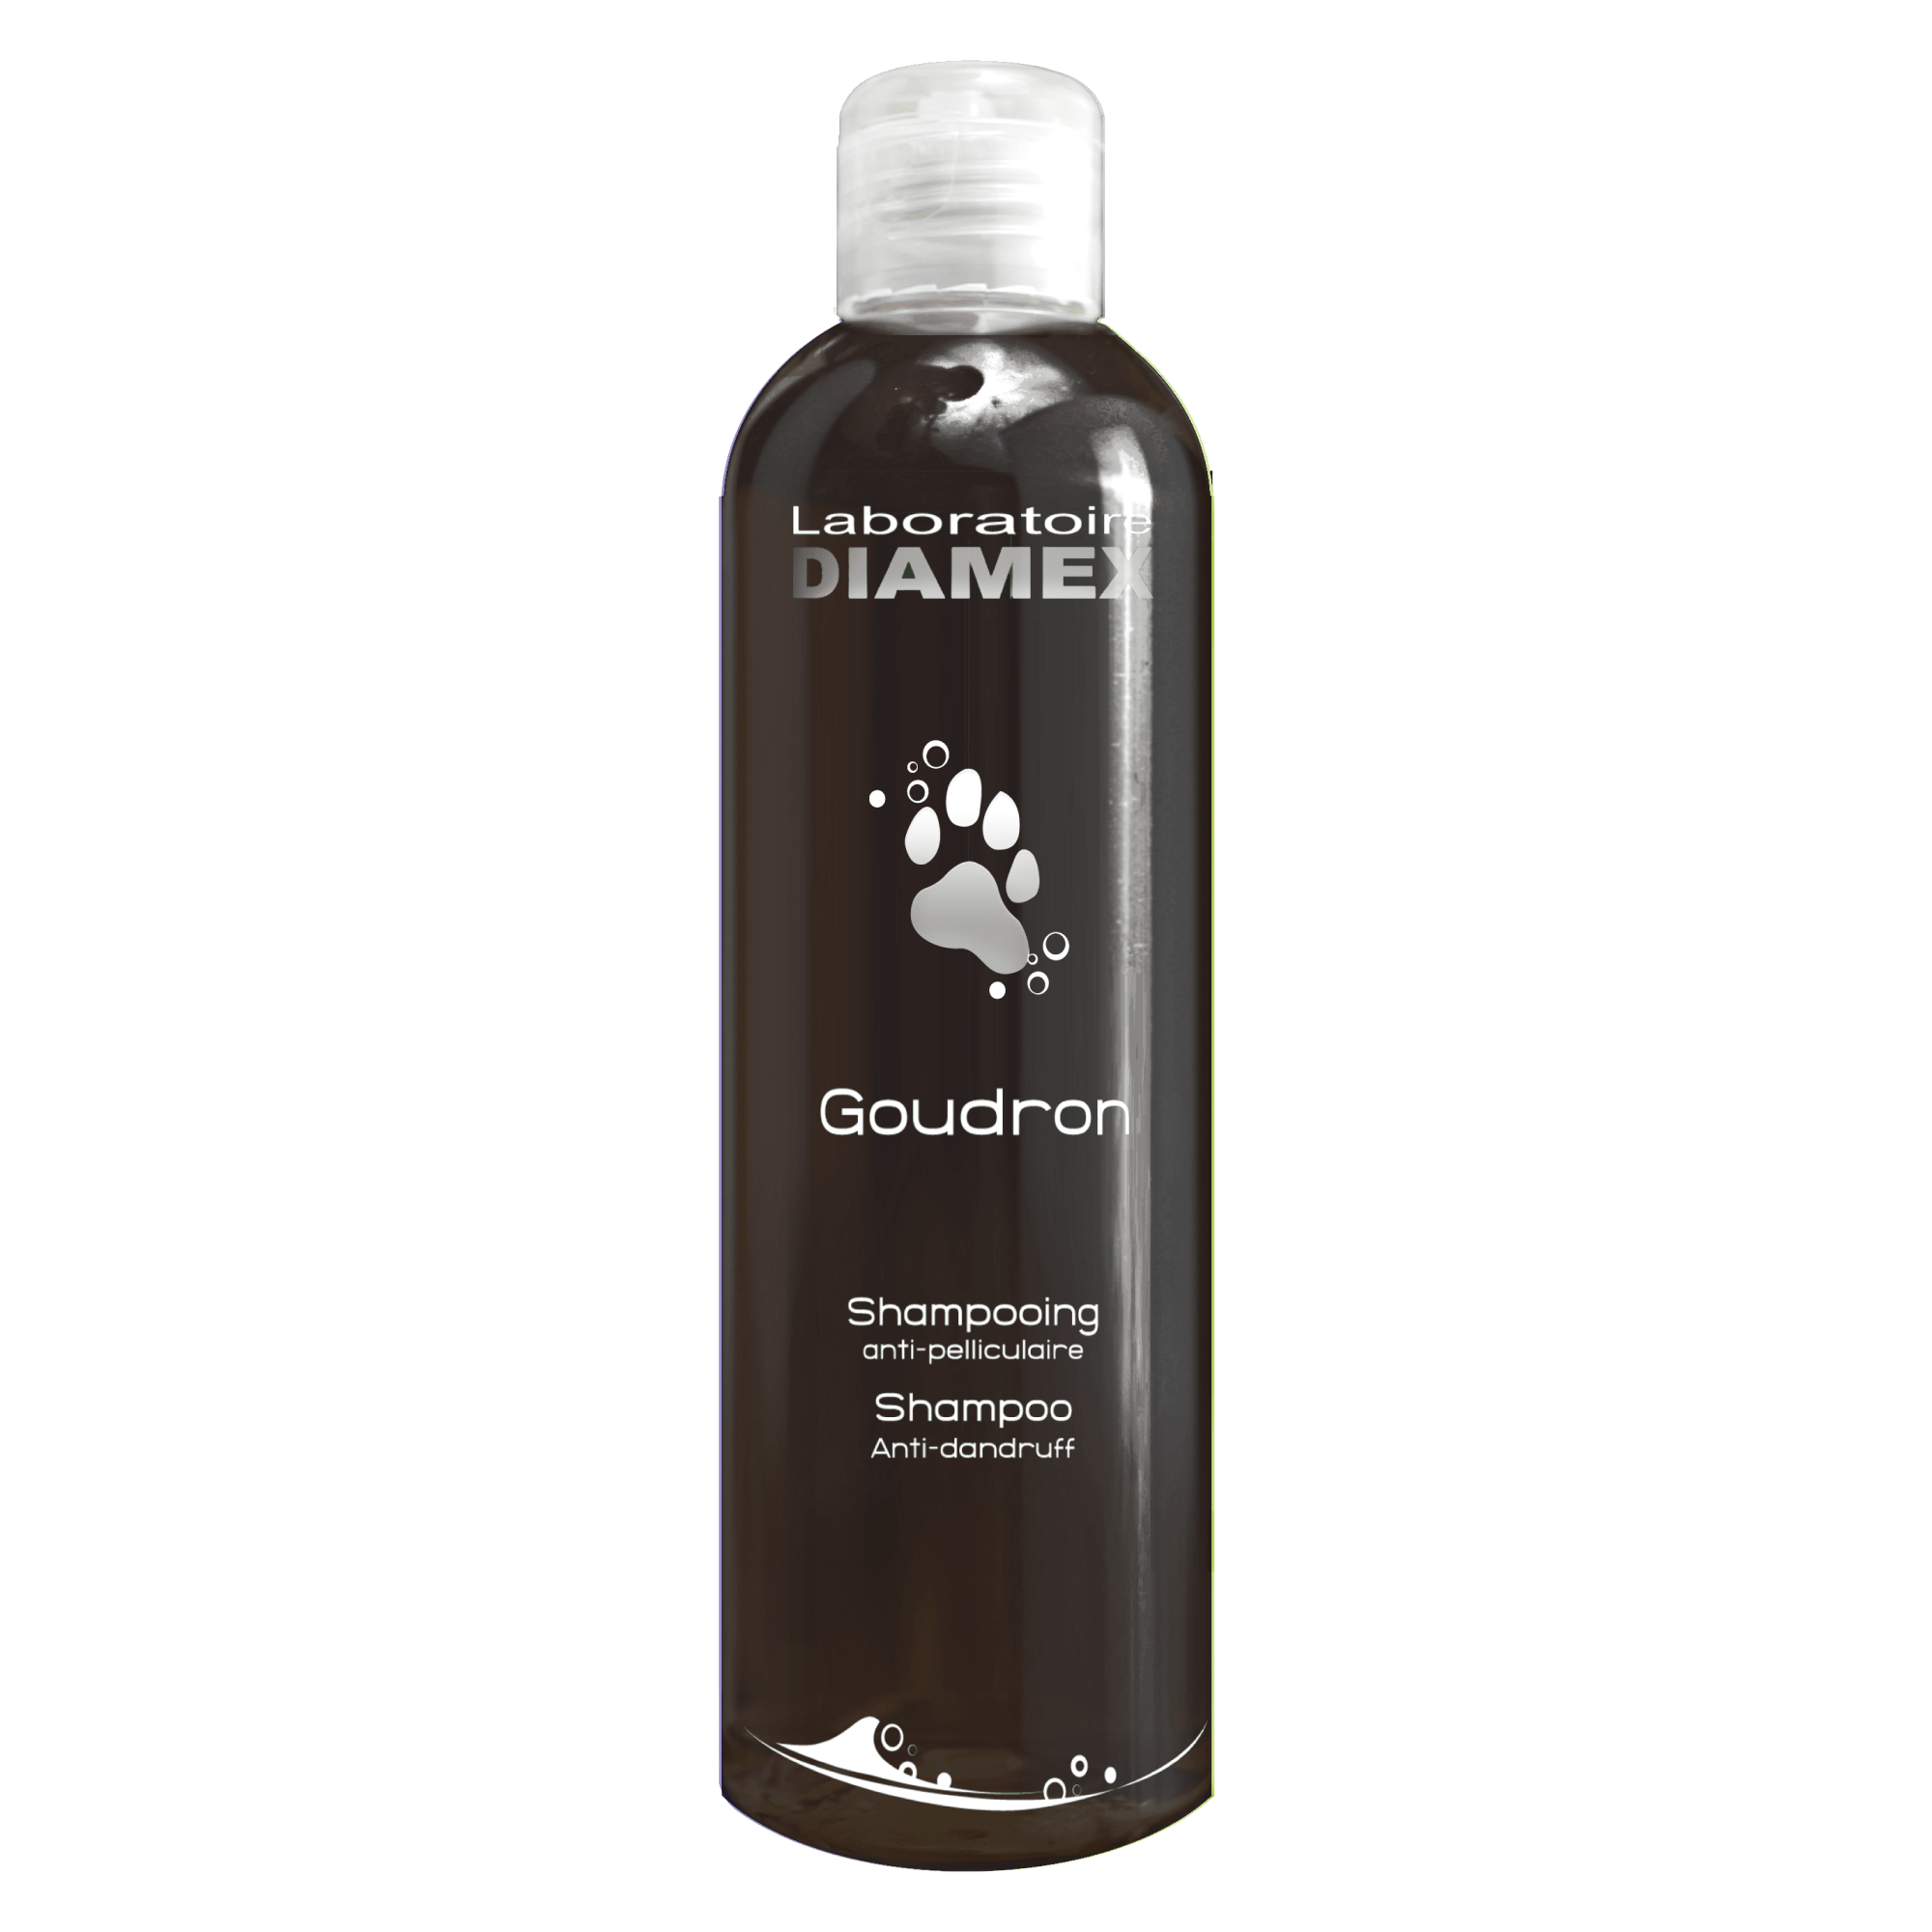 Shampooing Diamex Goudron